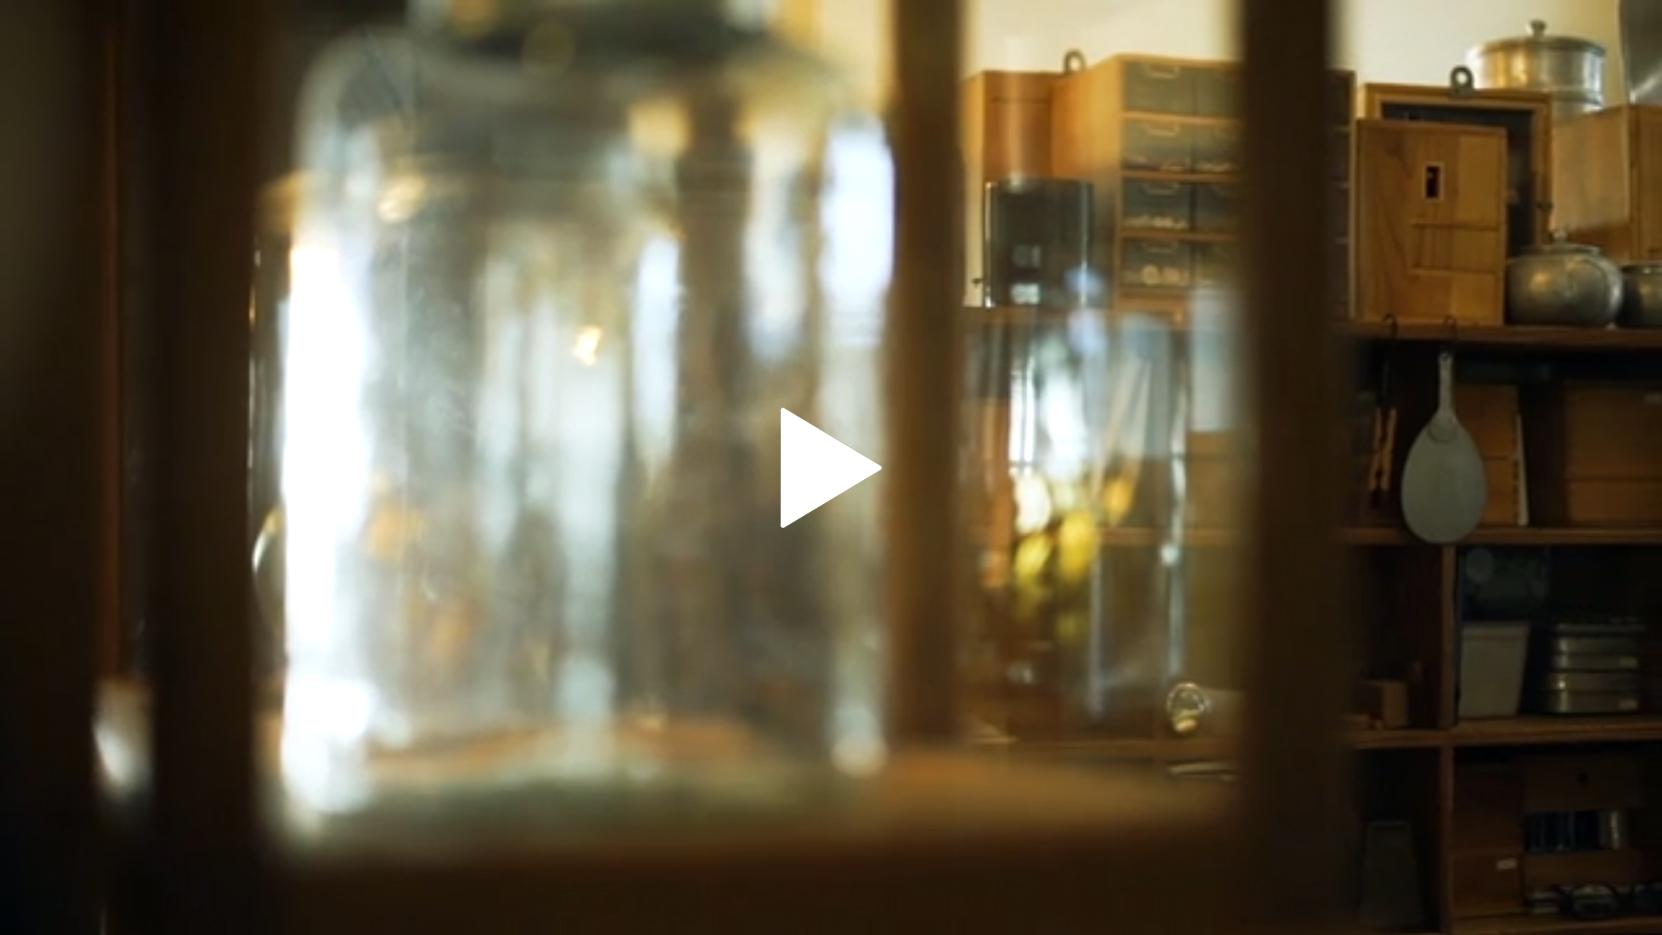 松澤紀美子さんのアトリエ取材動画